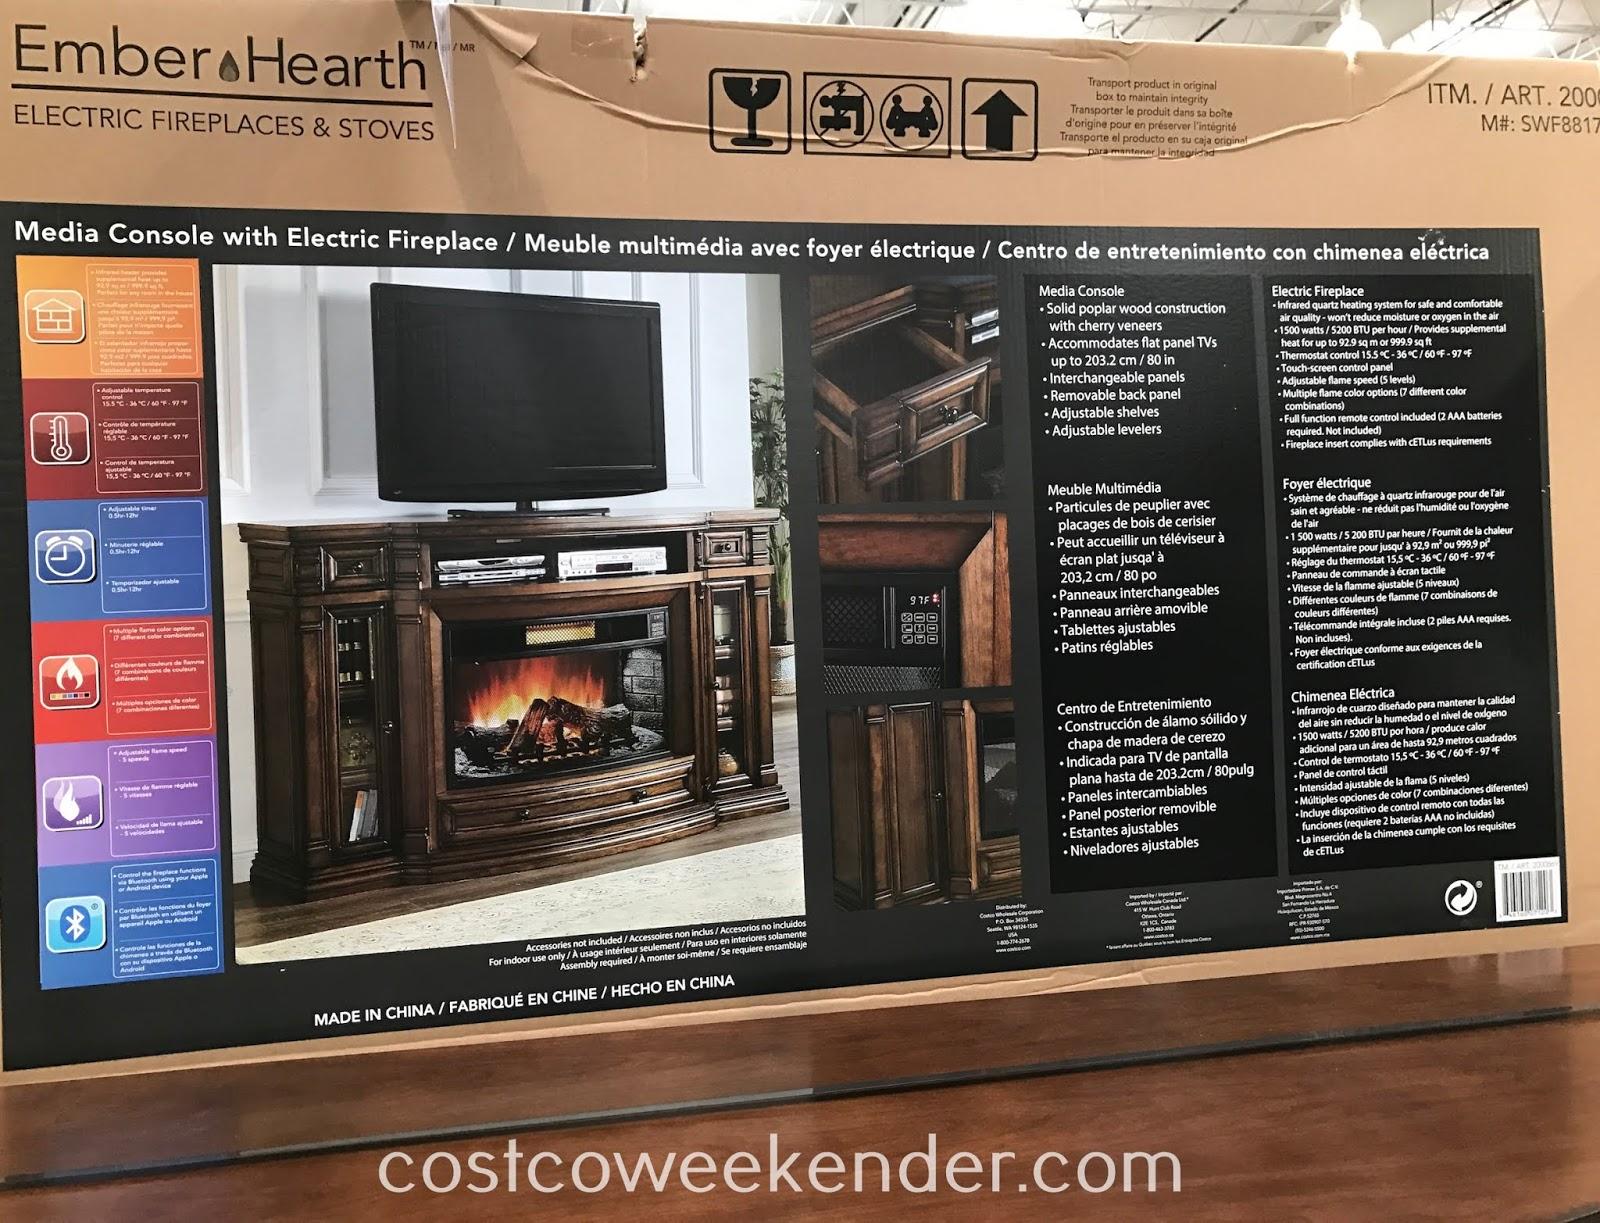 Costco Weekender